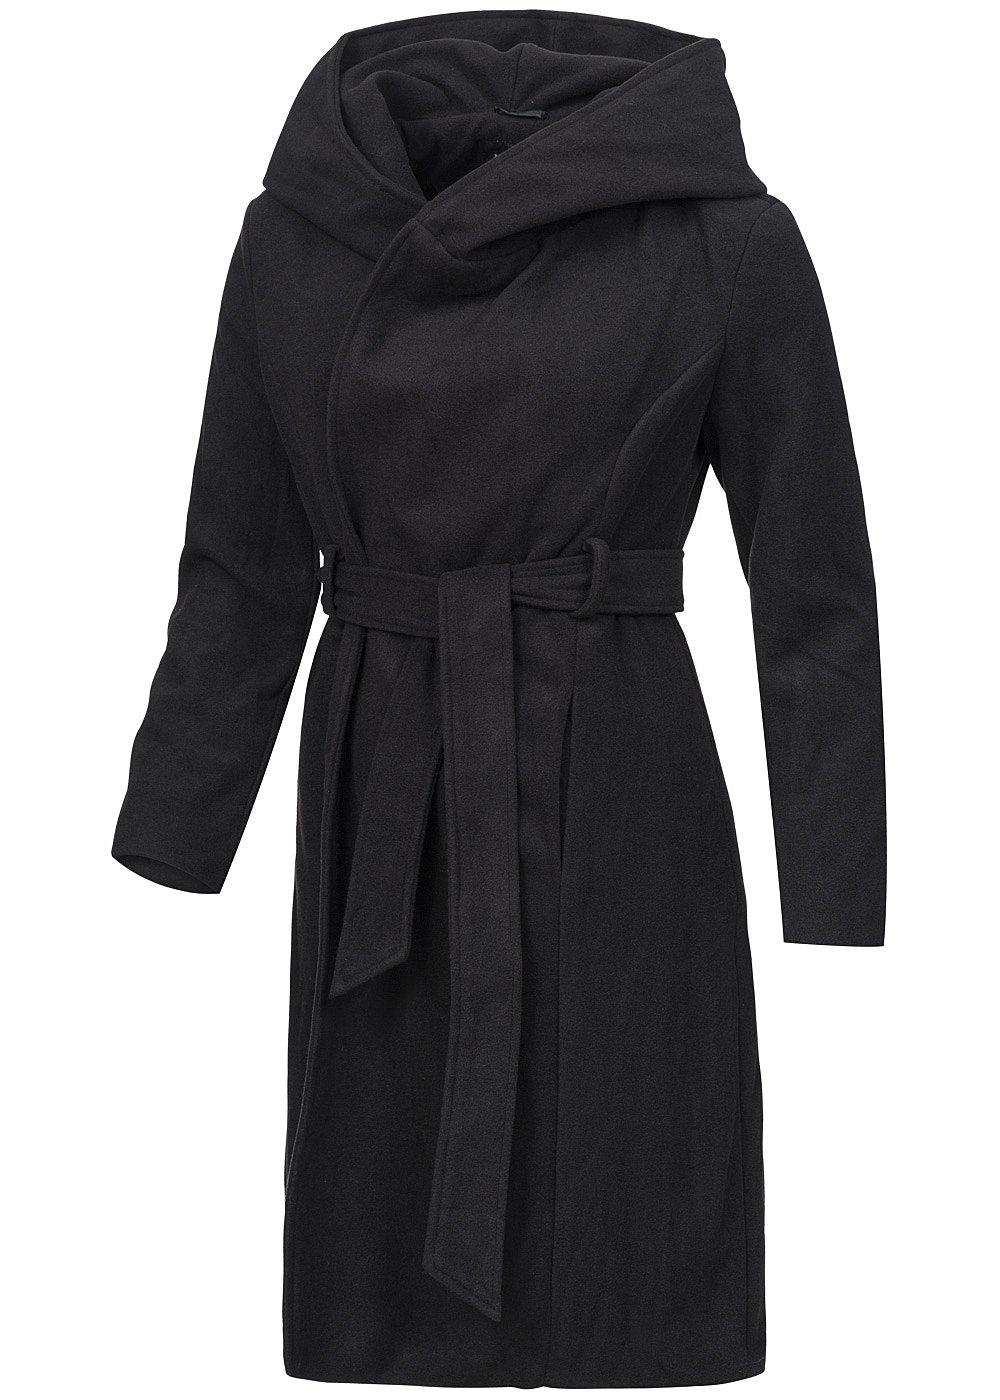 brave soul damen mantel ljk tesslong mit g rtel kapuze 2 taschen schwarz 77onlineshop. Black Bedroom Furniture Sets. Home Design Ideas